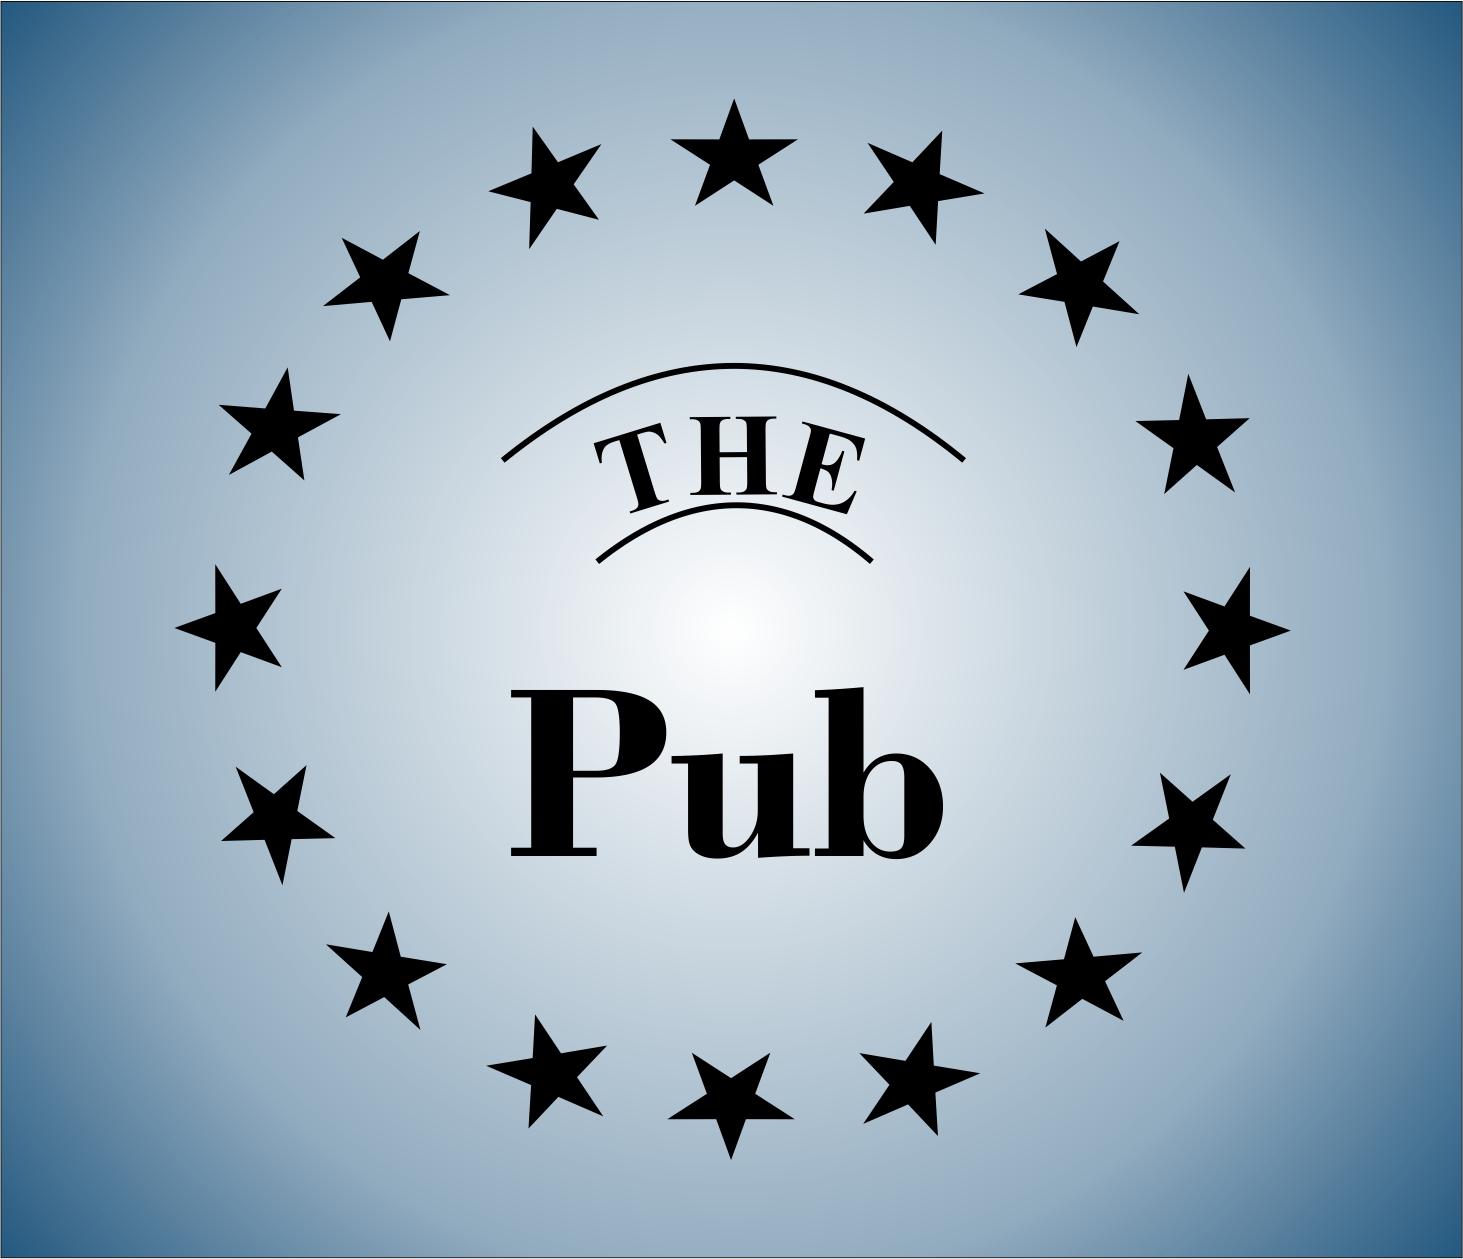 """Разработка логотипа торговой марки """"THEPUB"""" фото f_16551ee476ee4e36.jpg"""